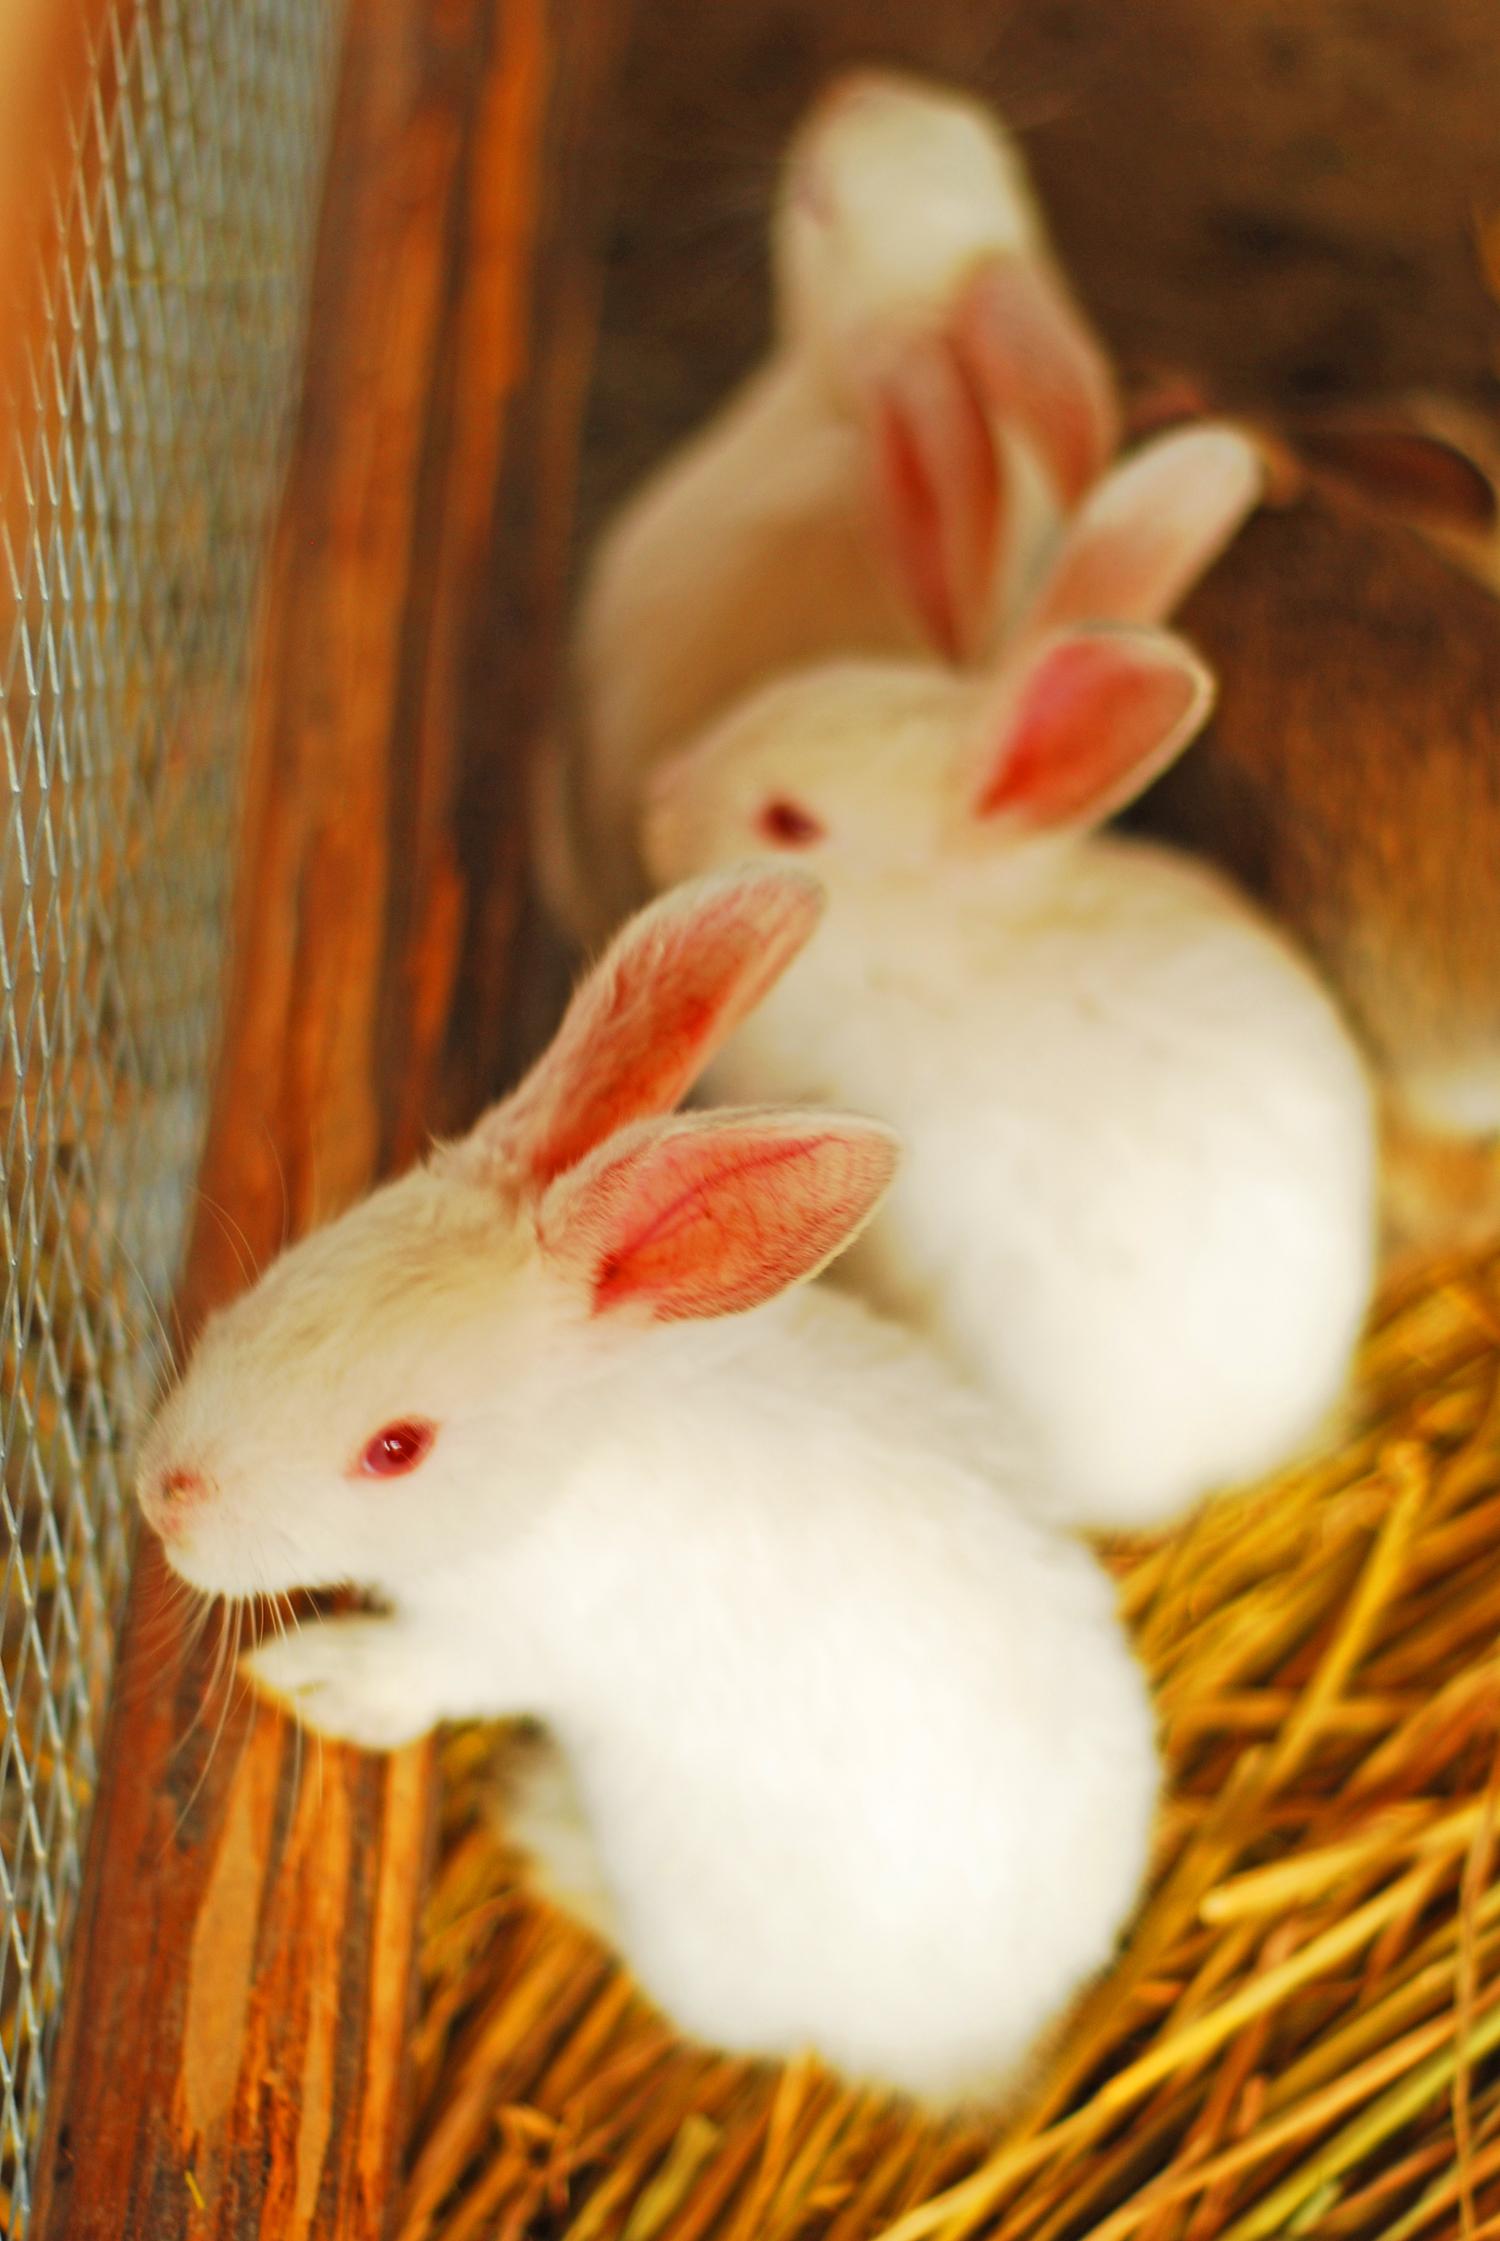 壁纸 动物 兔子 1500_2241 竖版 竖屏 手机